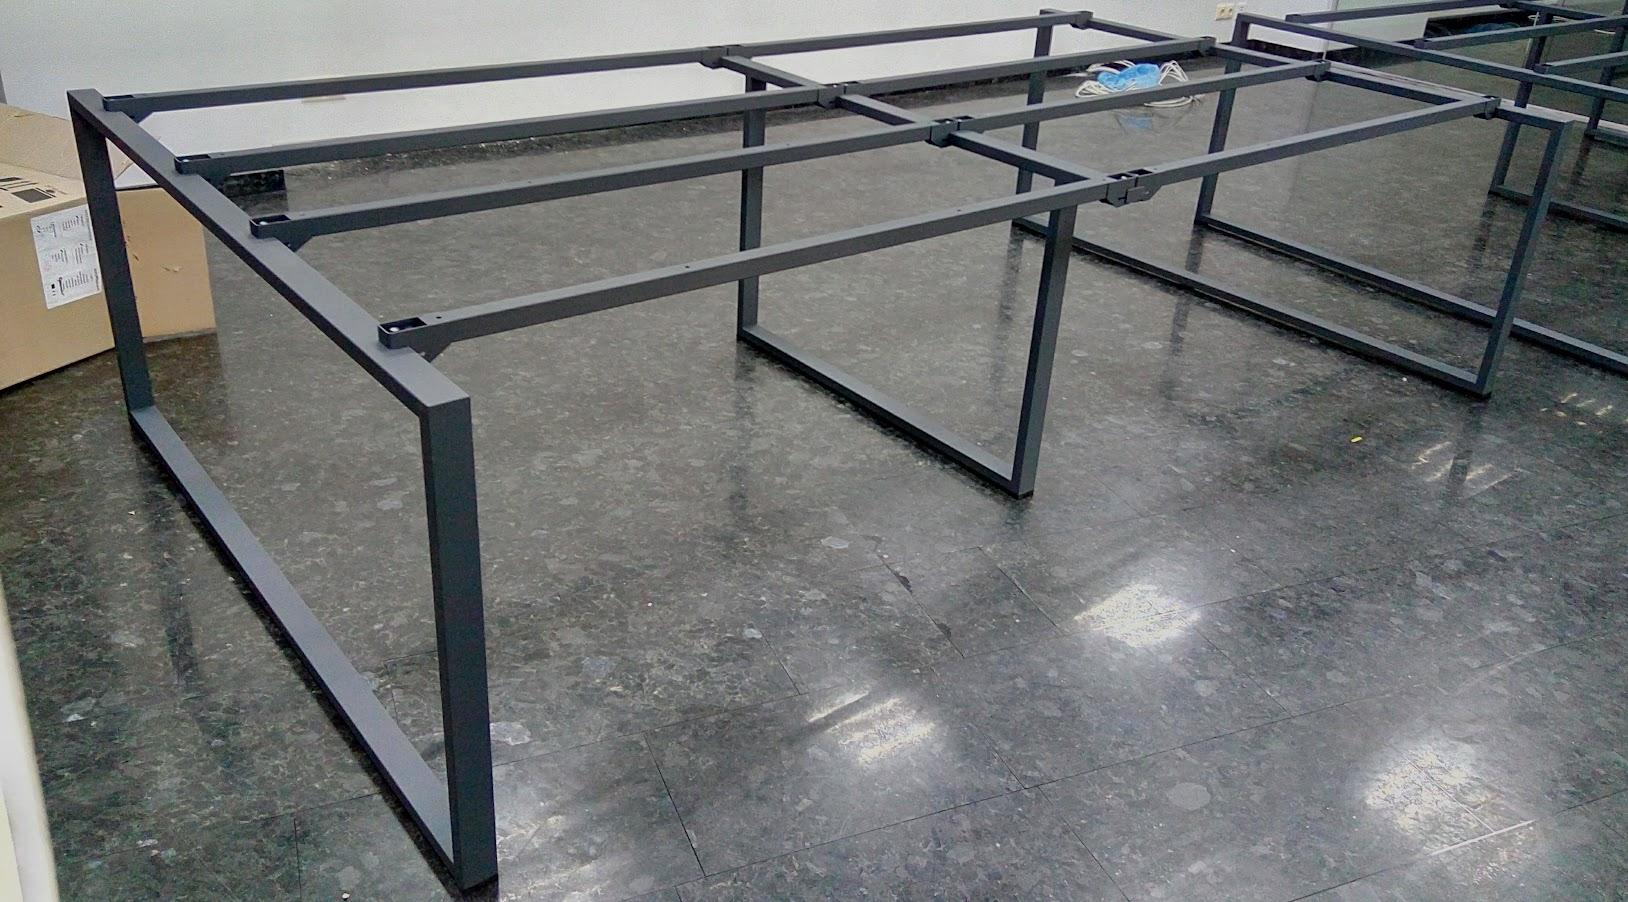 Офисный Стол с металлическим каркасом, Каркасы для конференц столов, Конференц столы на металлическом каркасе